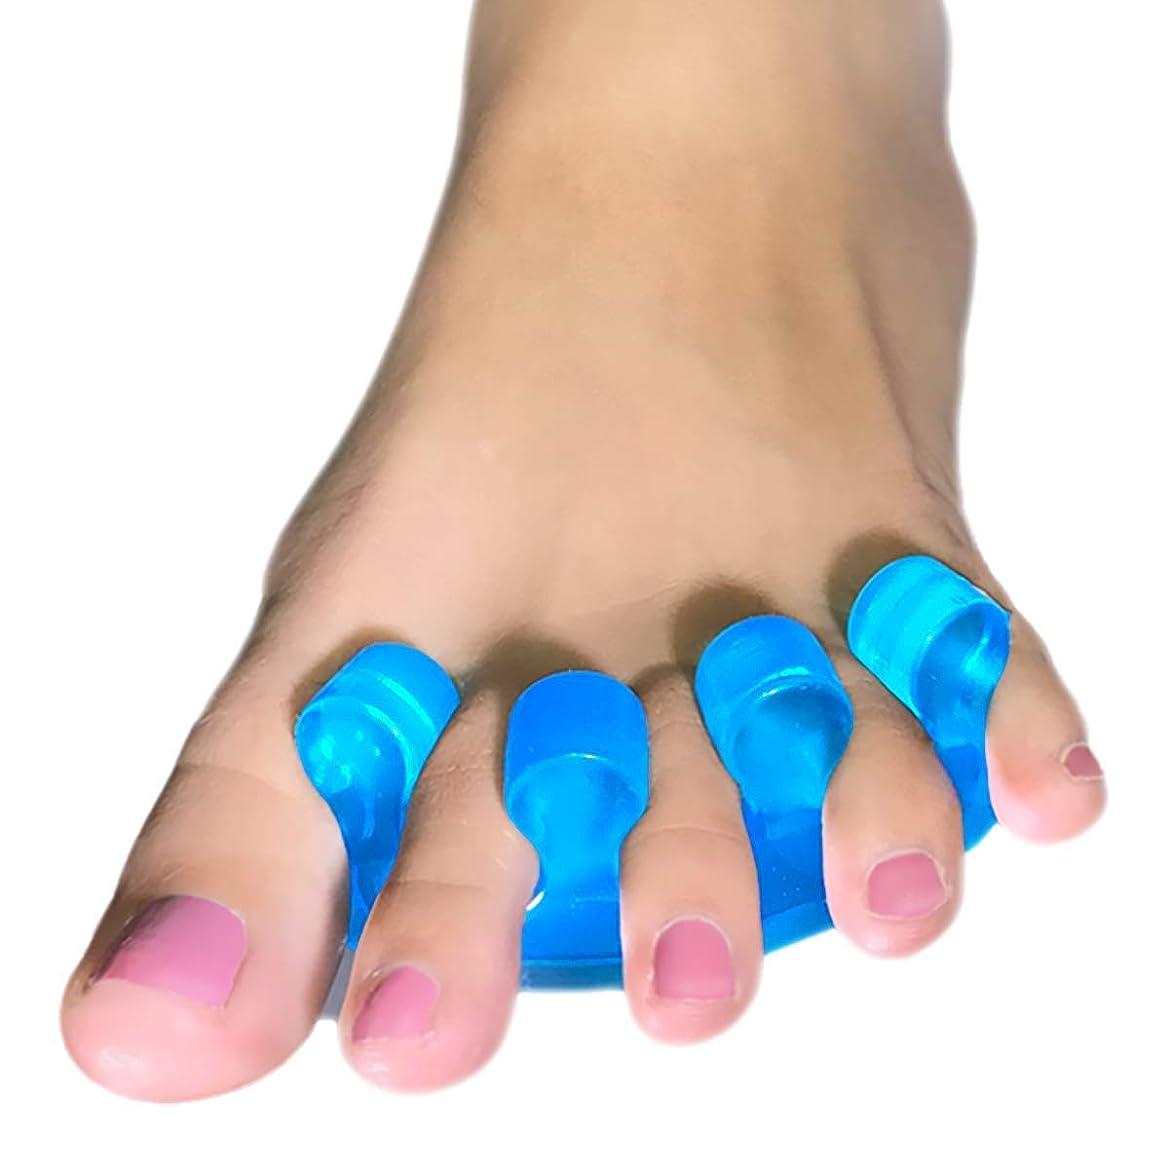 主流人気ビリーヤギENERFOOT 腱膜矯正?ゲルつま先セパレーター - 腱膜疼痛軽減、ハンマーつま先矯正、腱膜パッド外反母趾キット足指スペーサー